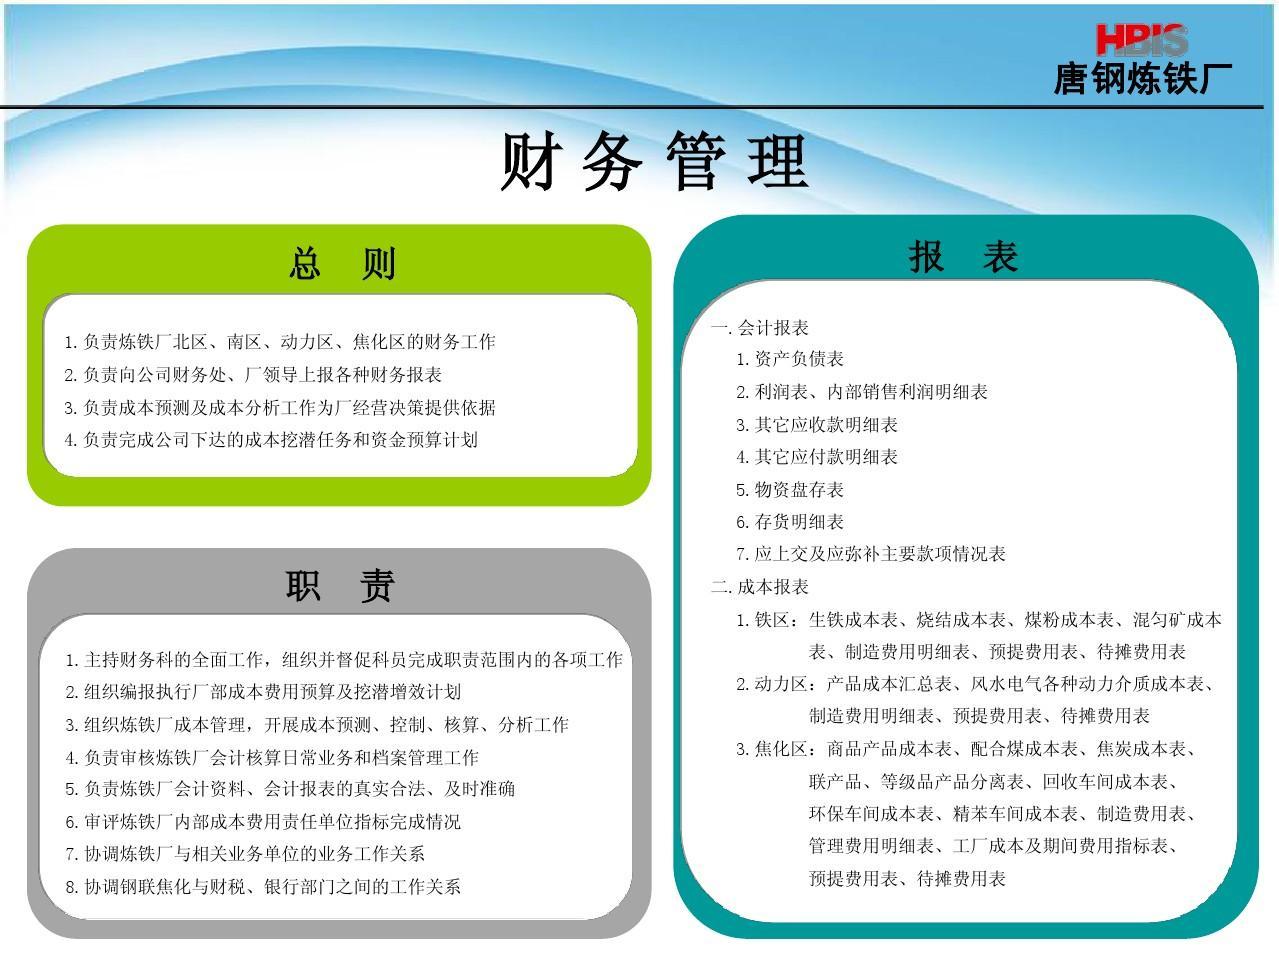 会议议程安排ppt_财务管理流程图2ppt